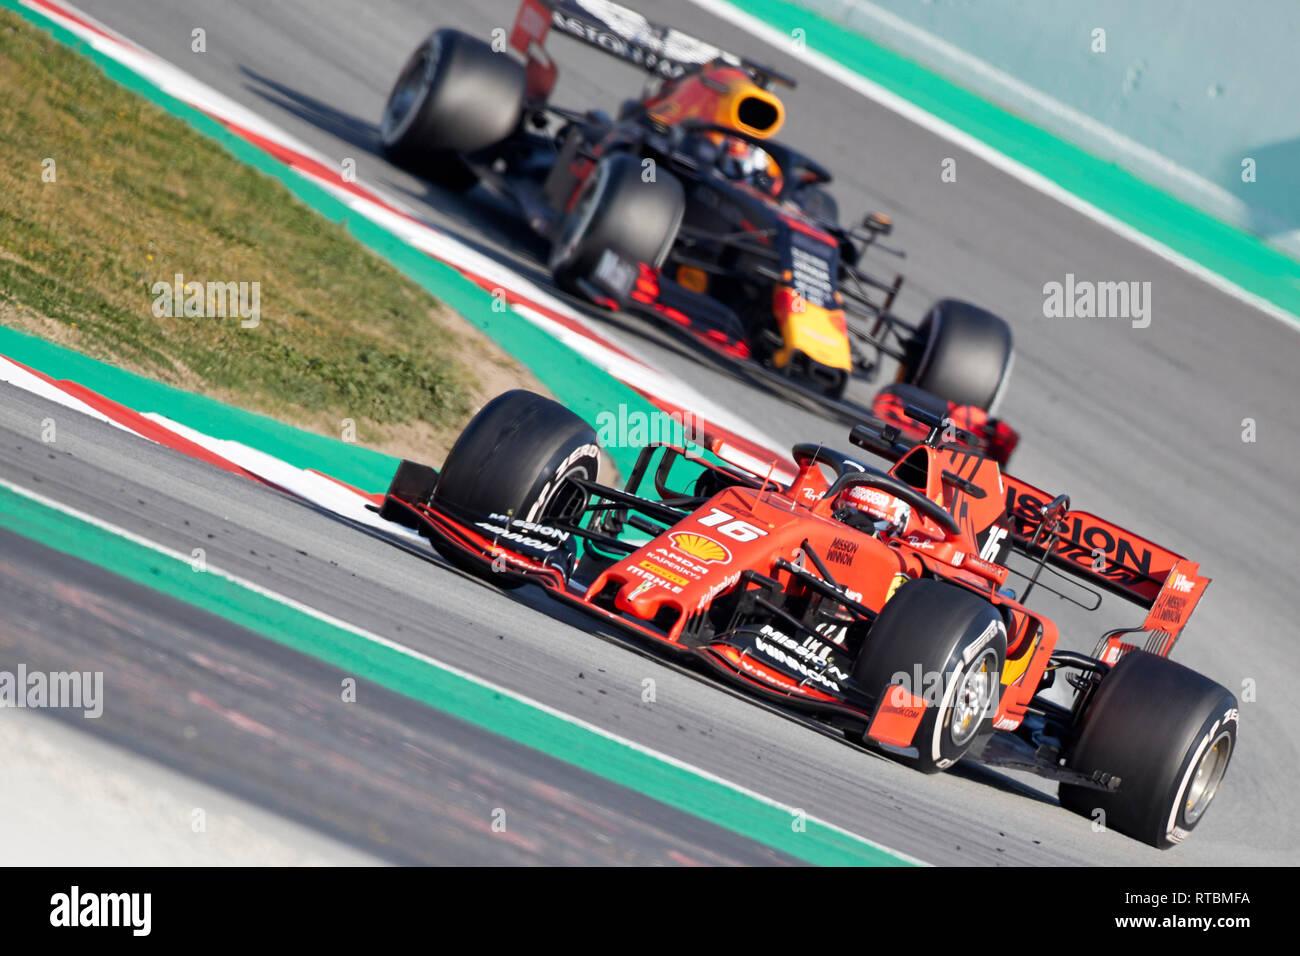 Charles Leclerc Scuderia Ferrari Mission Worfeln Sf 90 Auto Und Pierre Gasly Aston Martin Red Bull